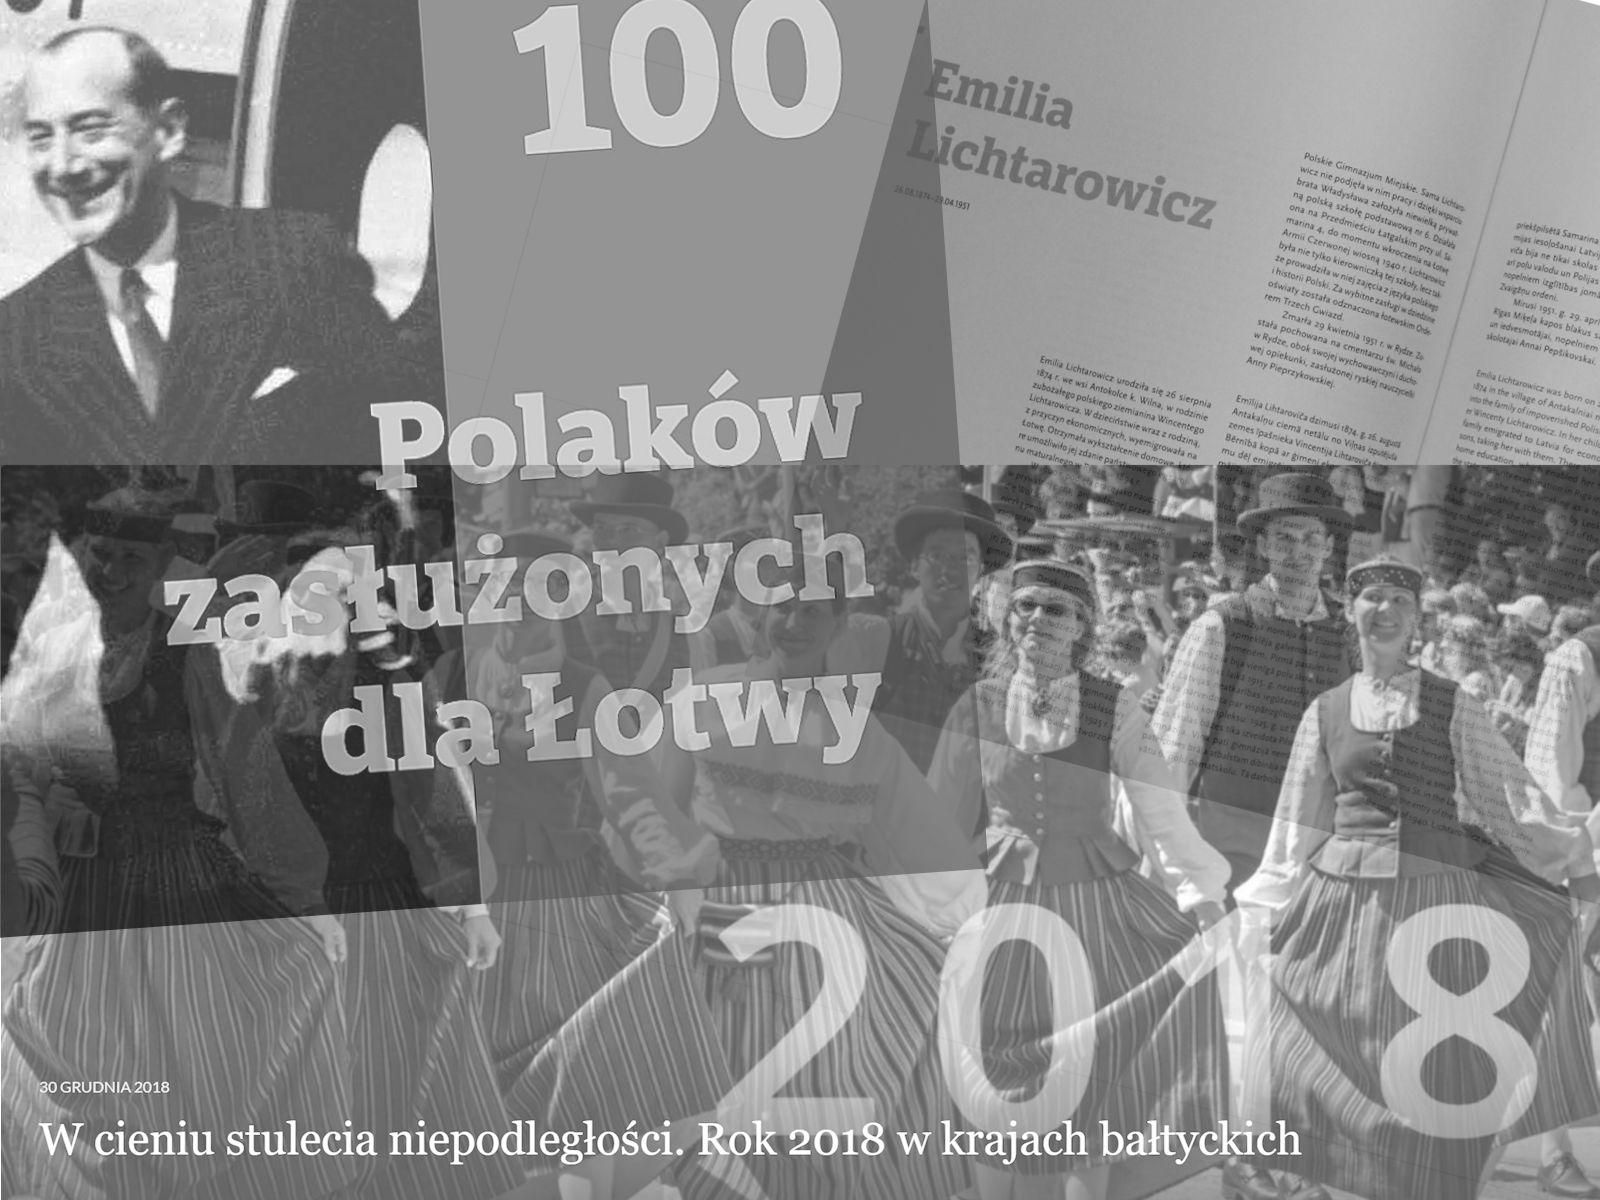 Podsumowanie działalności Fundacji Bałtyckiej w 2018 roku